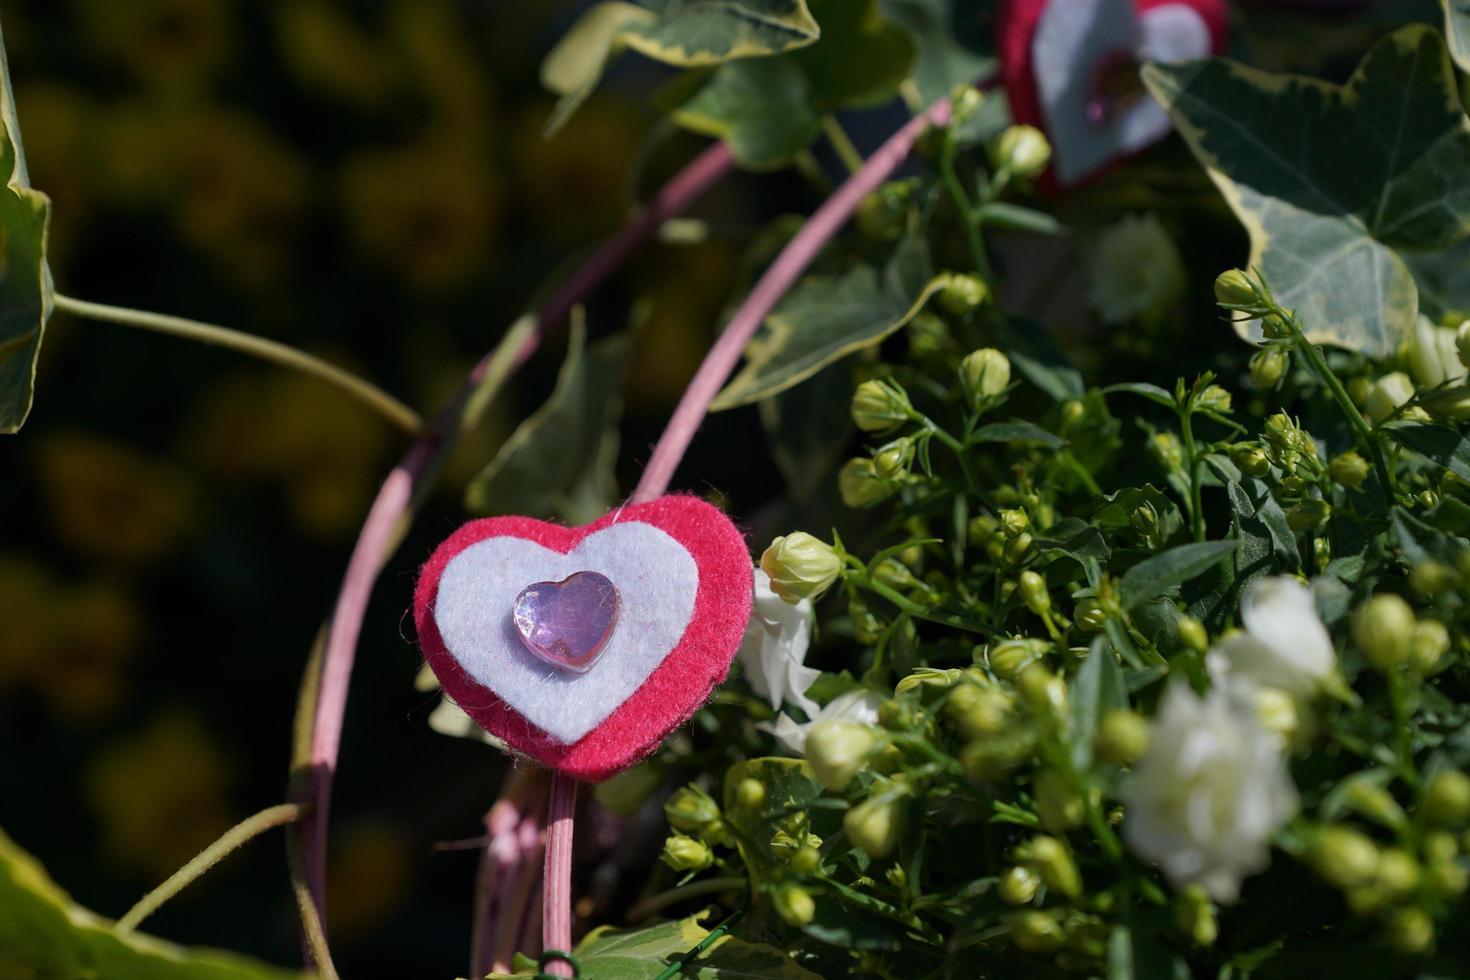 coeur, amour, plante, strauss, bricoler, pierre, tissu photo